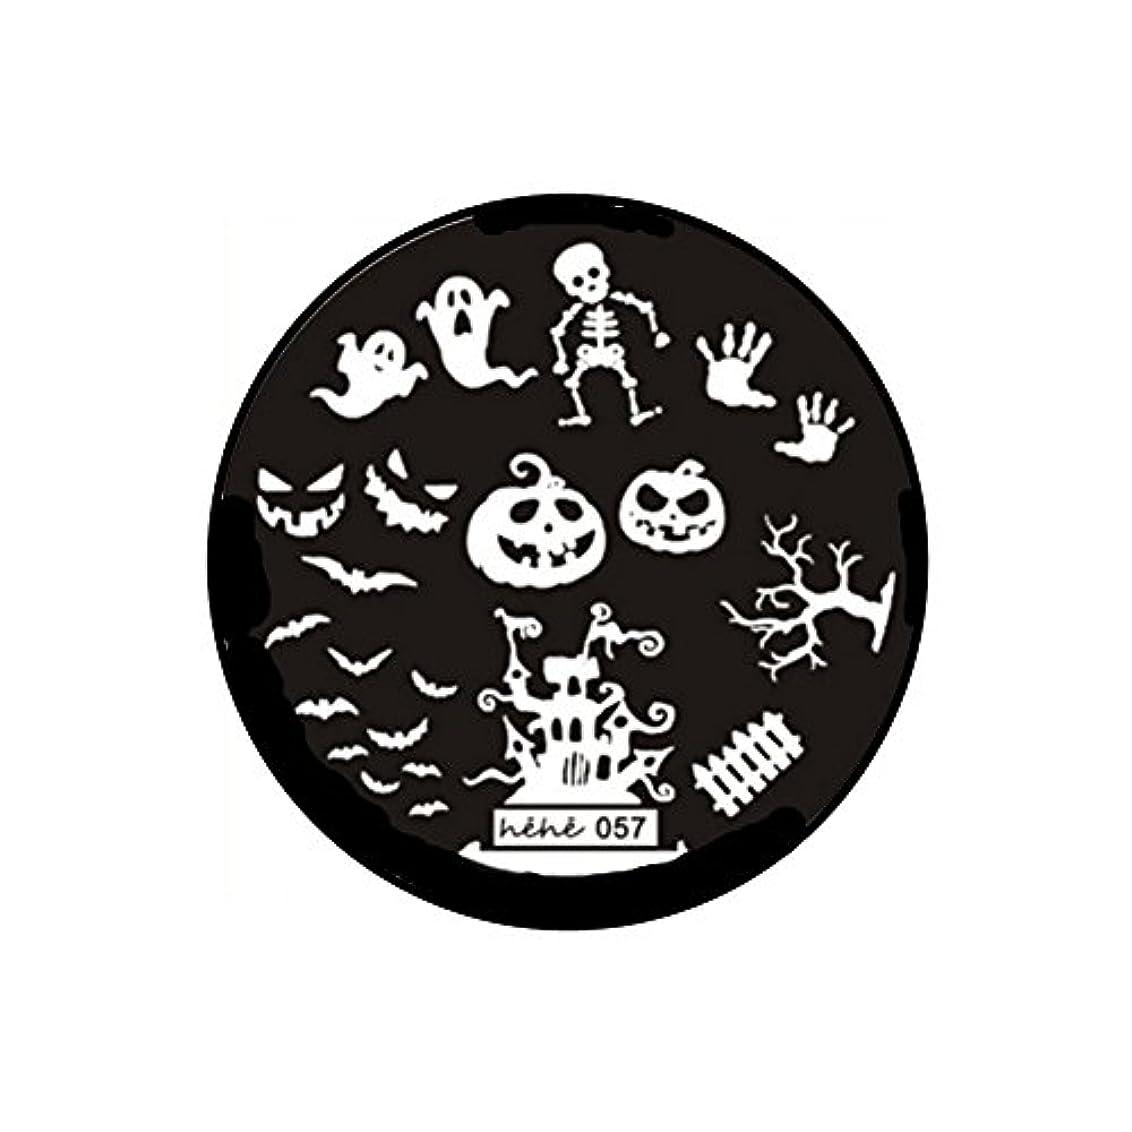 スツールスケッチカートリッジ1枚 スタンピングプレート 【 ハロウィンテーマ ネイル ジェルネイル ネイルアート ネイルスタンプ ネイル スタンプ 】heheイメージプレート